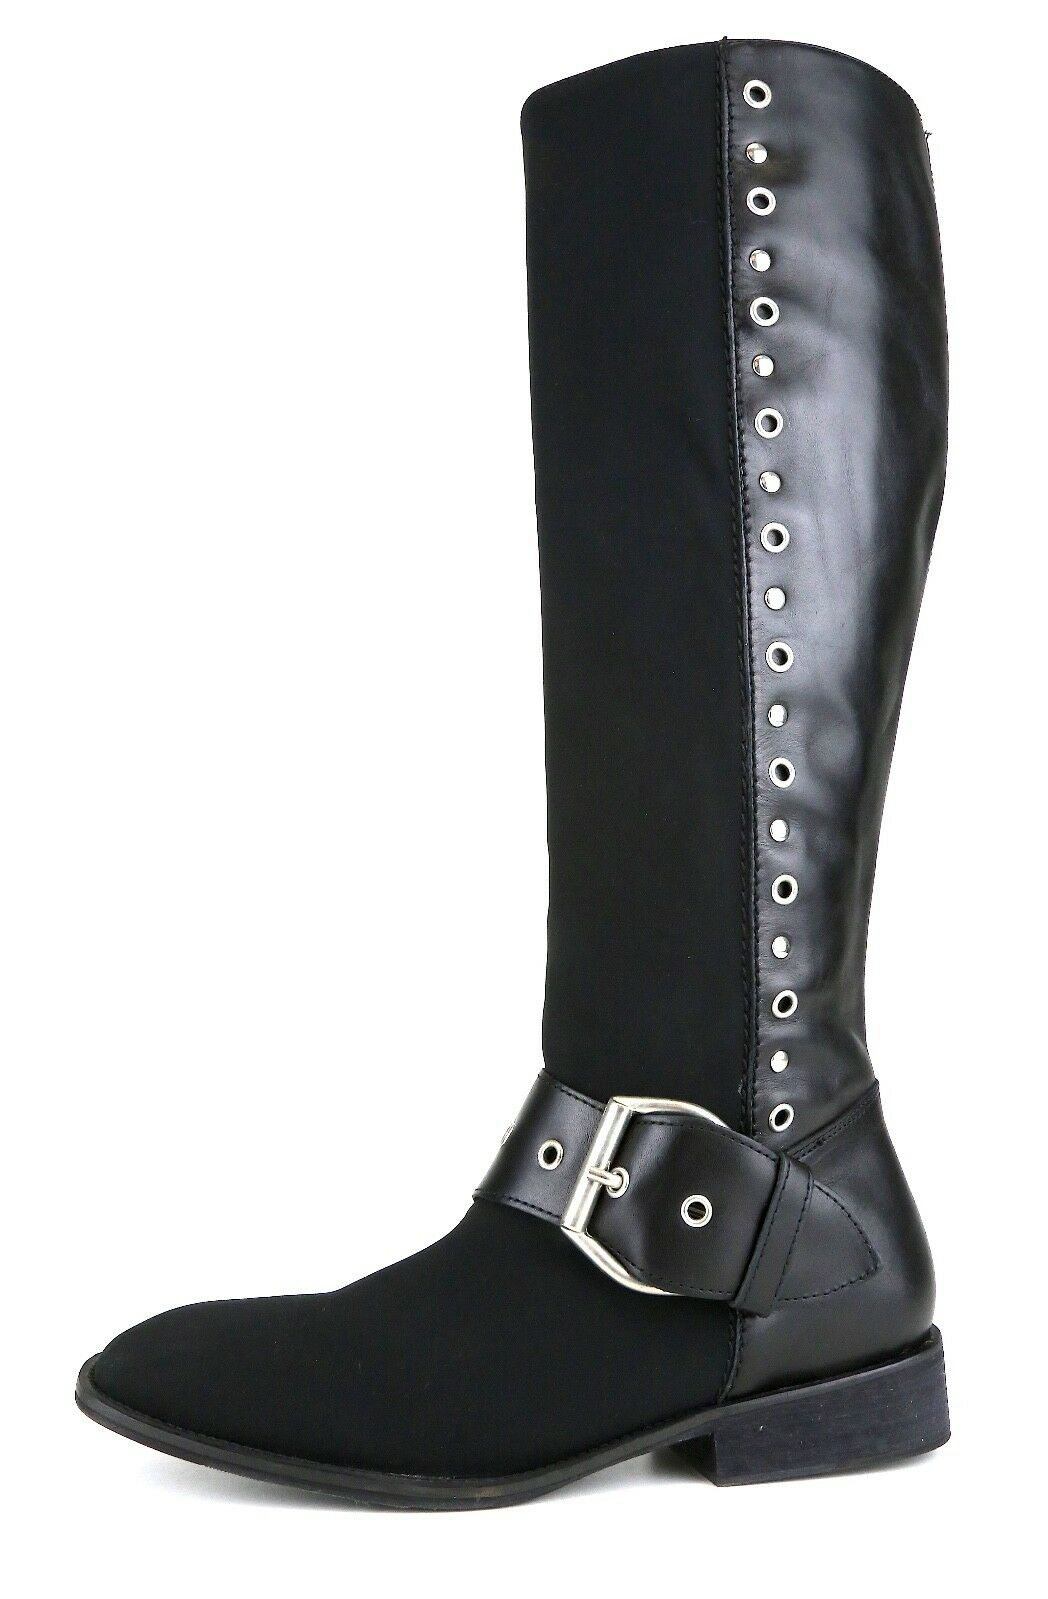 ecco l'ultimo Donald J. Pliner Gale High Rise Rise Rise Leather Flat avvio nero donna Sz 8 M 5135   esclusivo